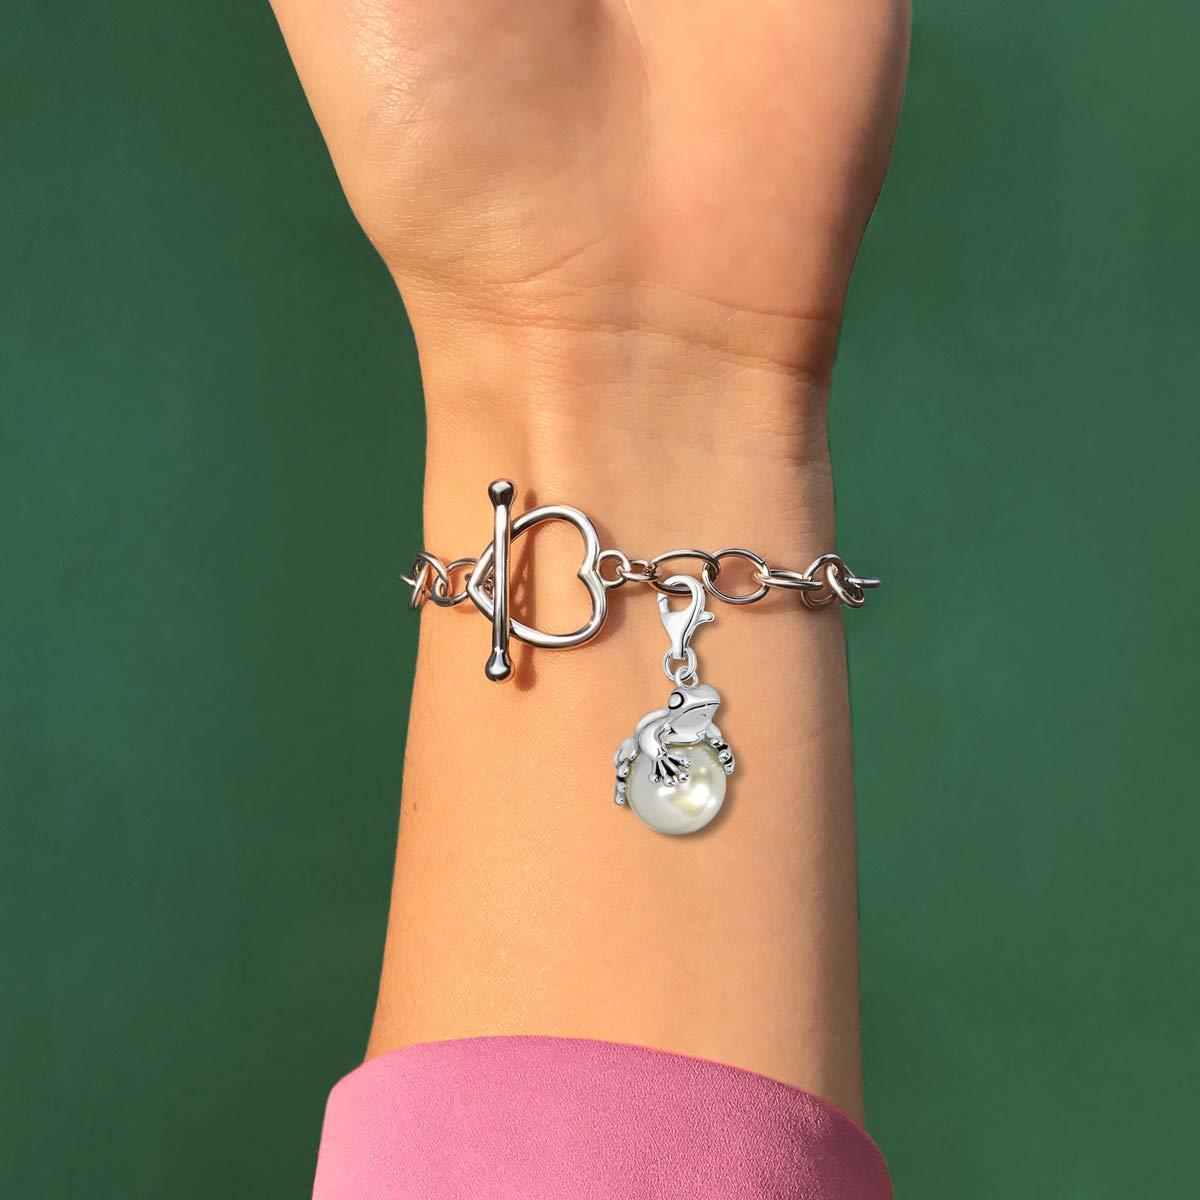 Quiges Charm Pendentif Perle avec Fermoir Femme Argent 925 Grenouille sur Pendentif Perle artificielle 3D